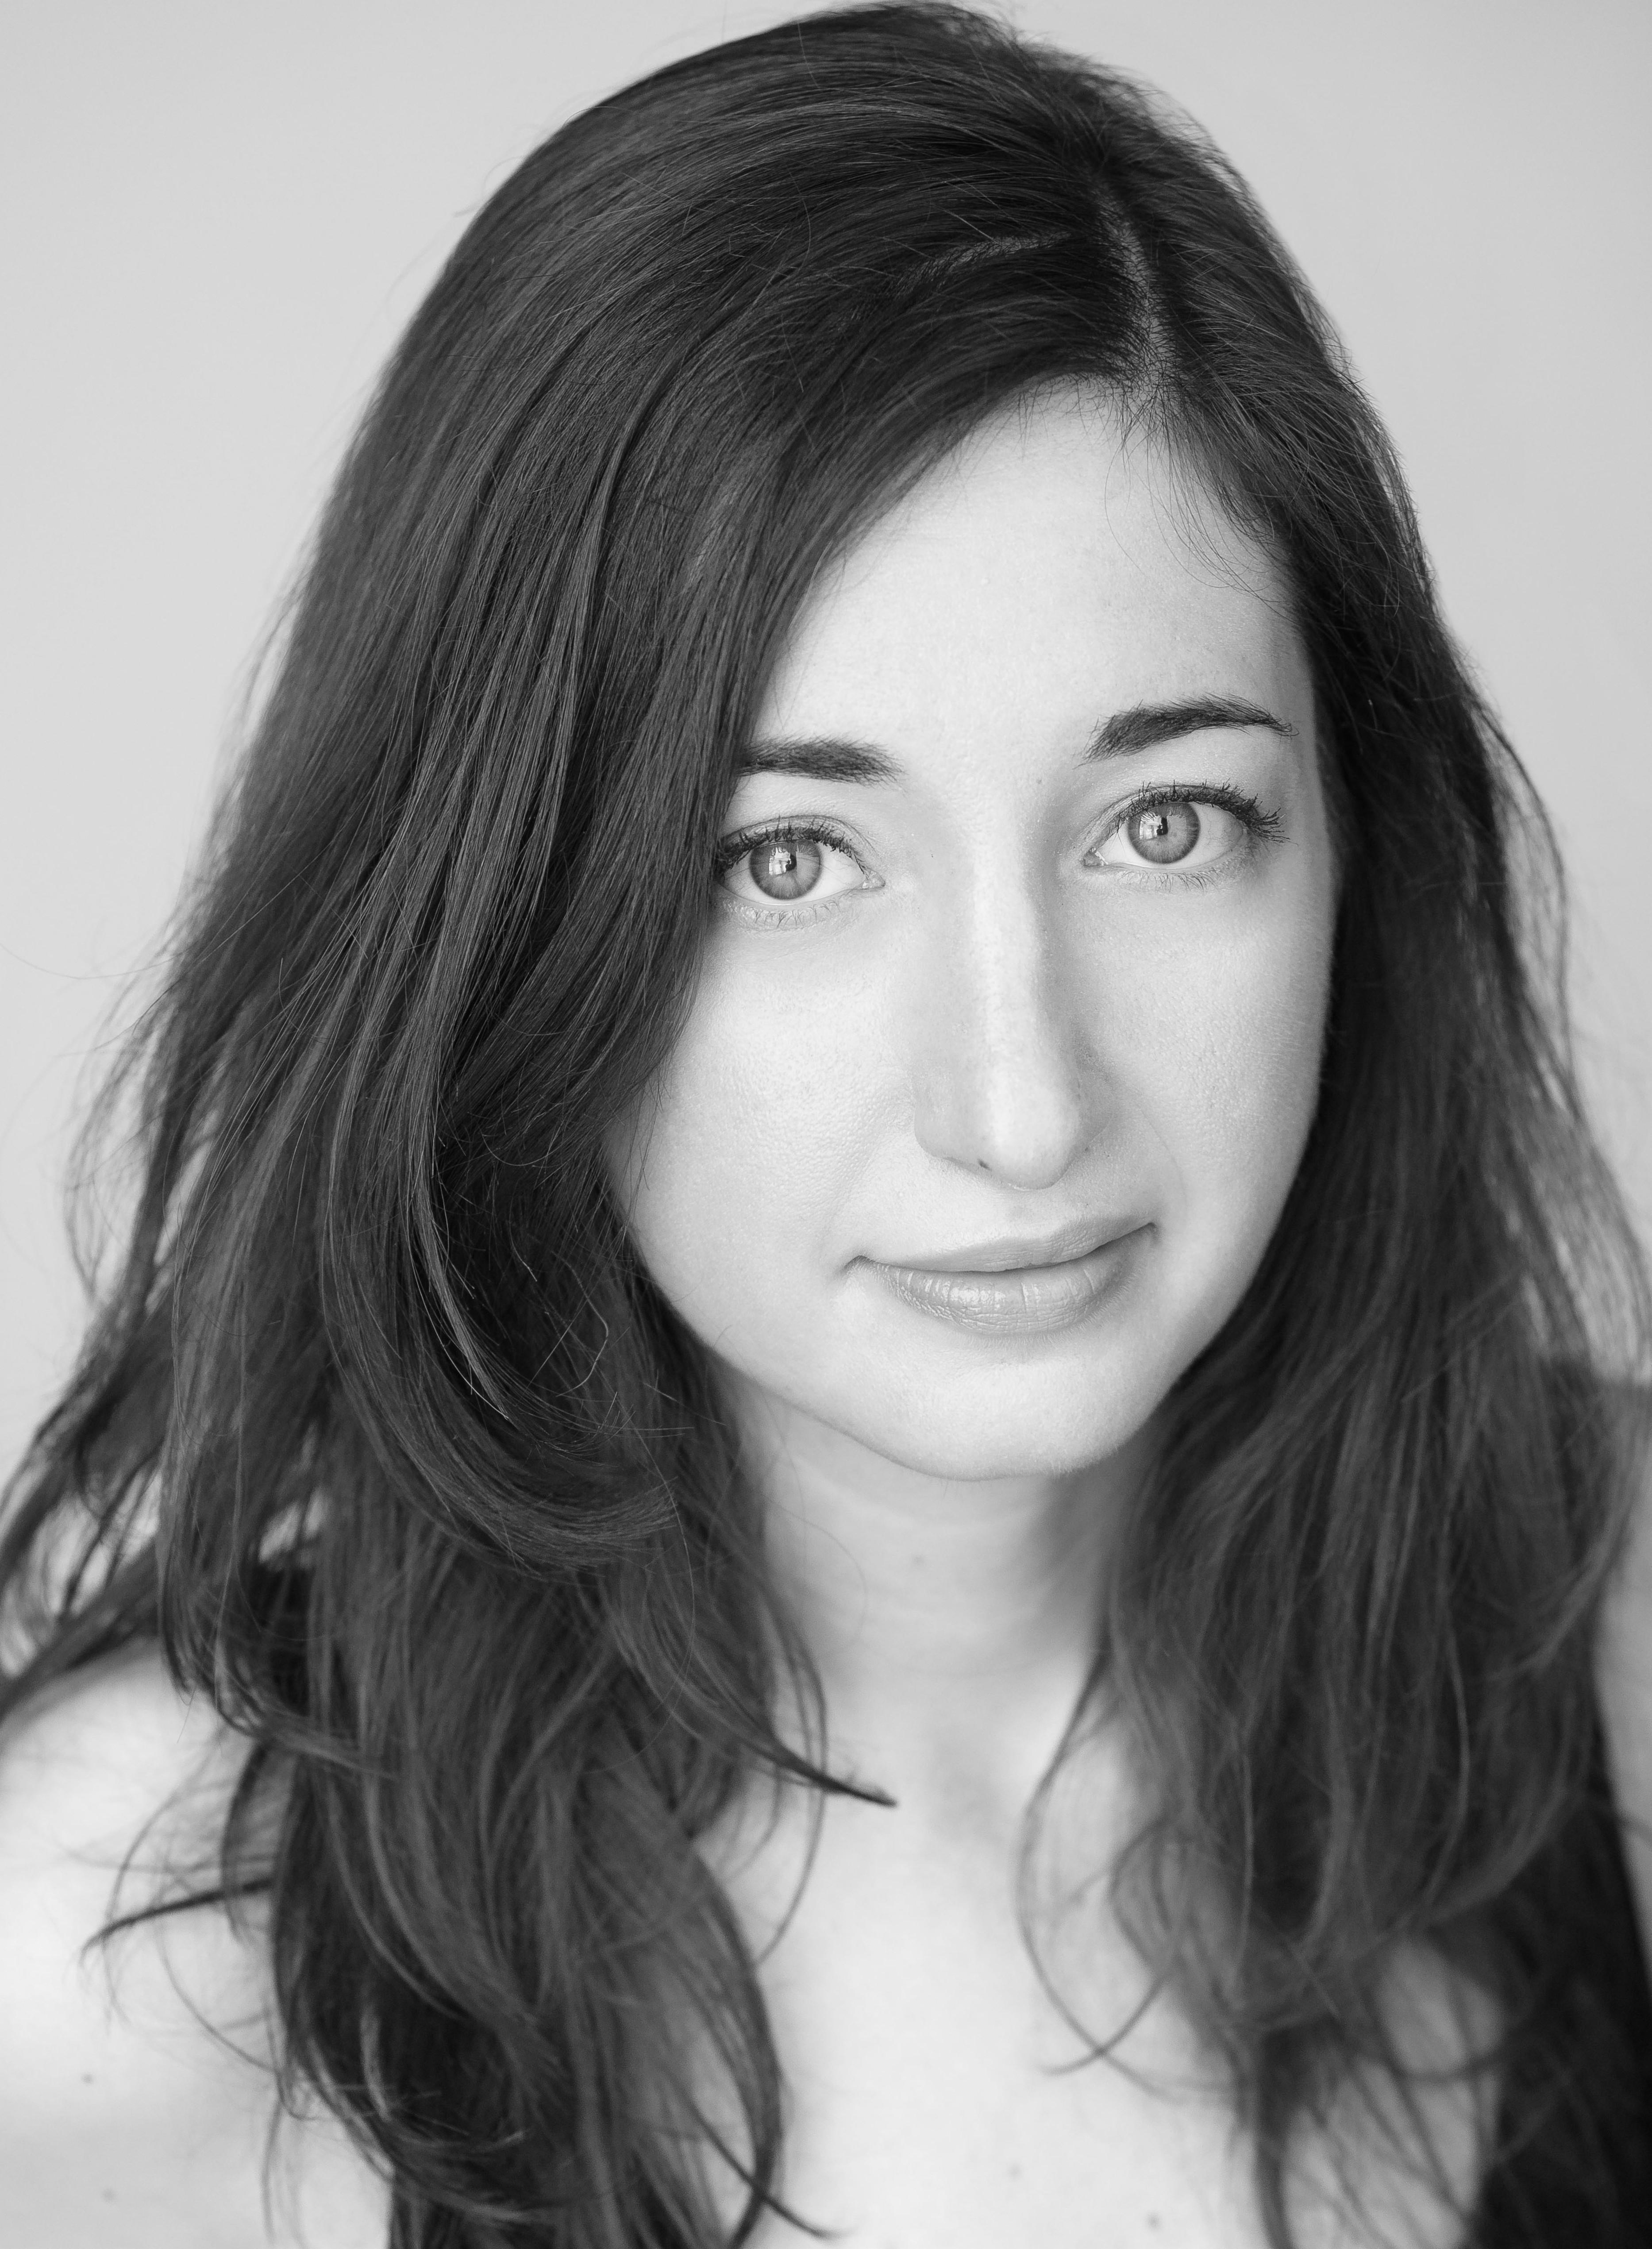 Lydia Lane